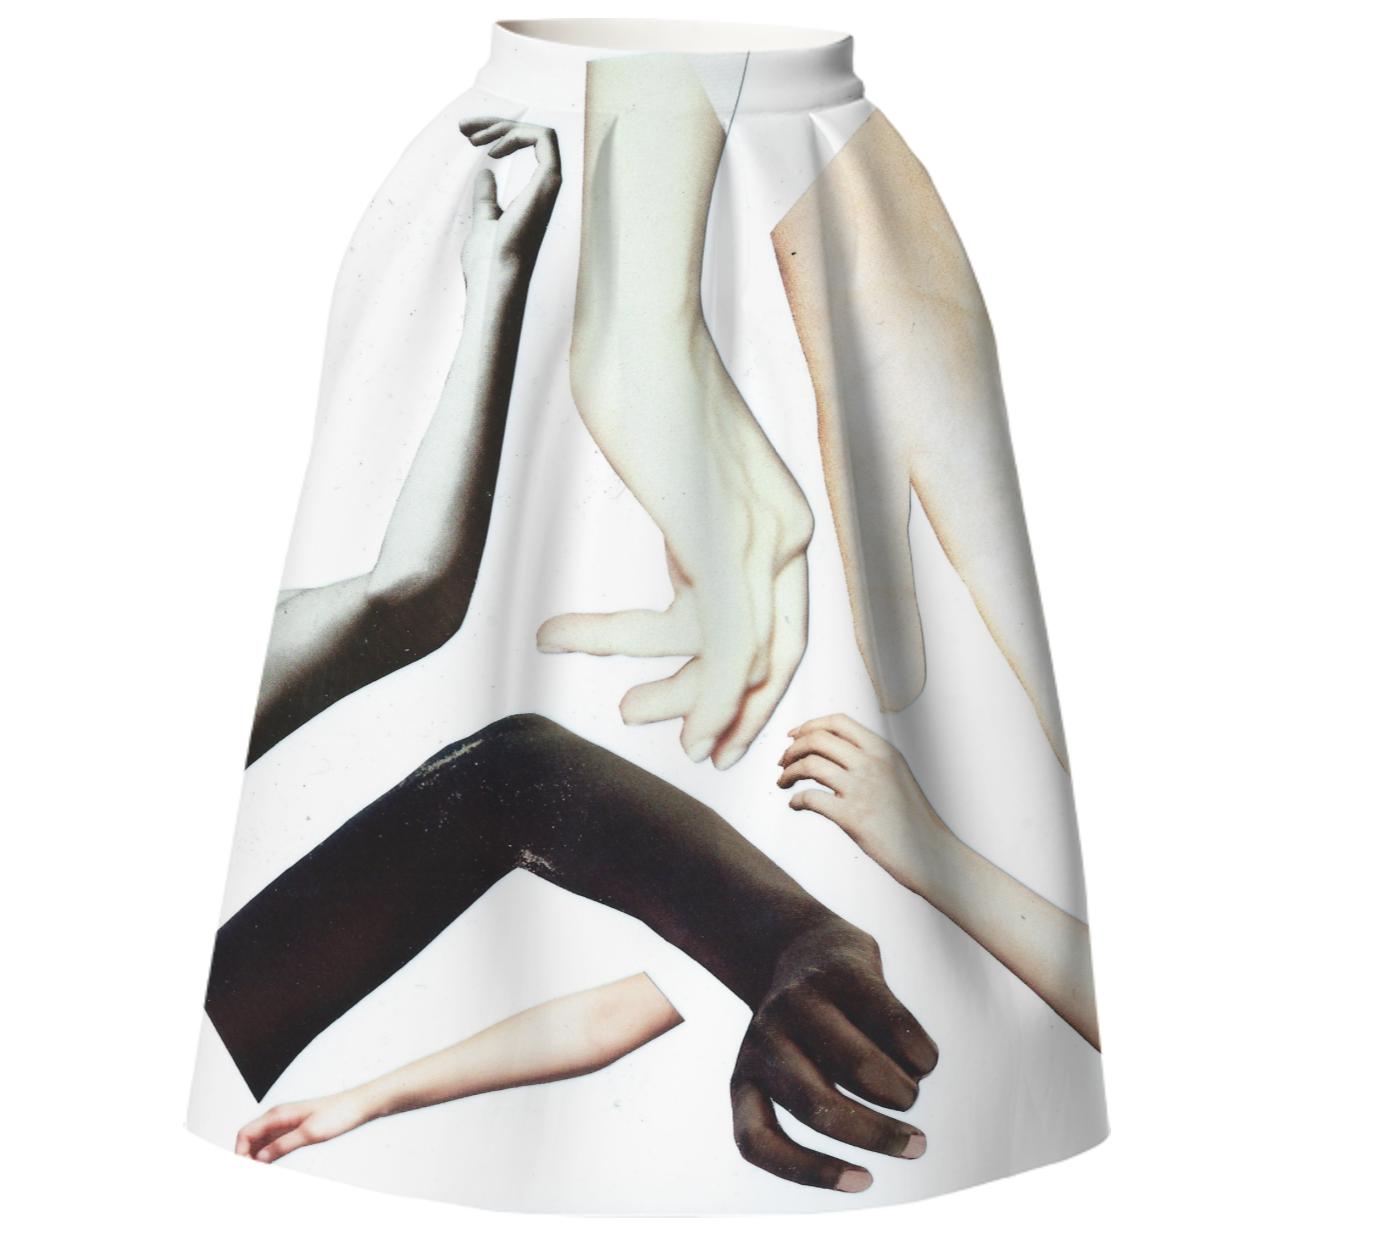 HANDY SKIRT    Neoprene Full Skirt      One Hundred Forty Two Dollars